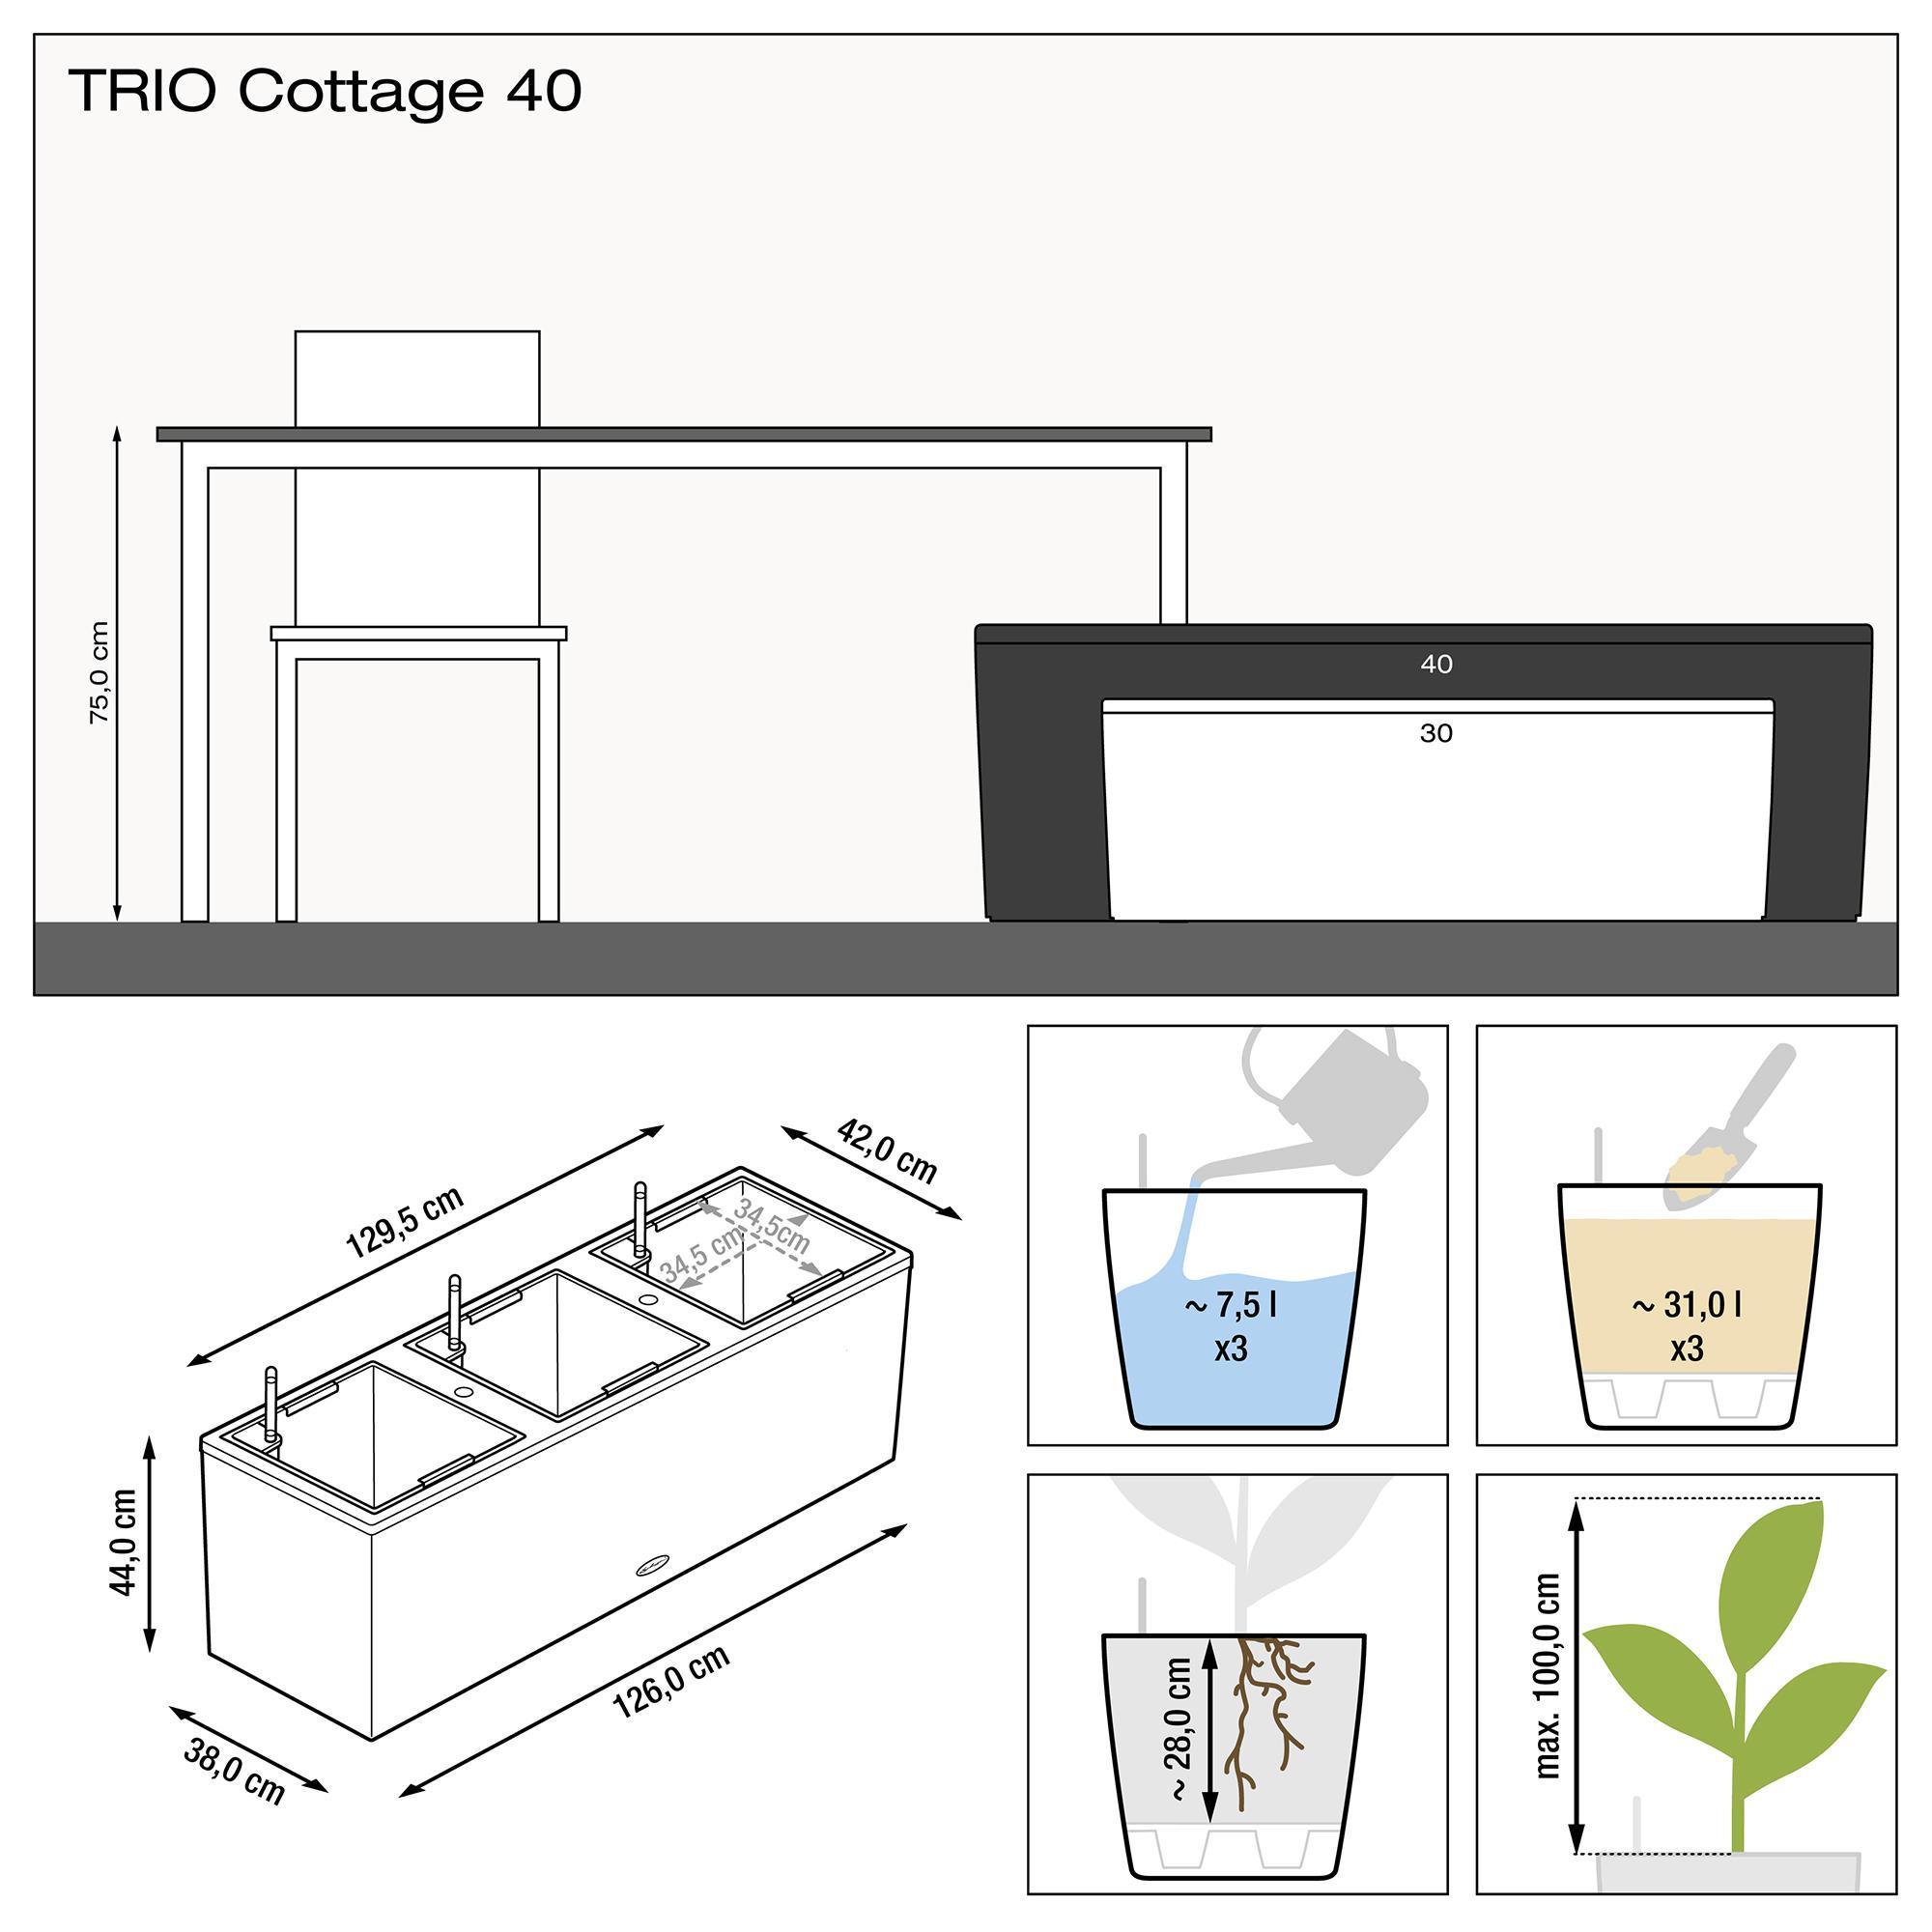 TRIO Cottage 40 granito - Imagen 3